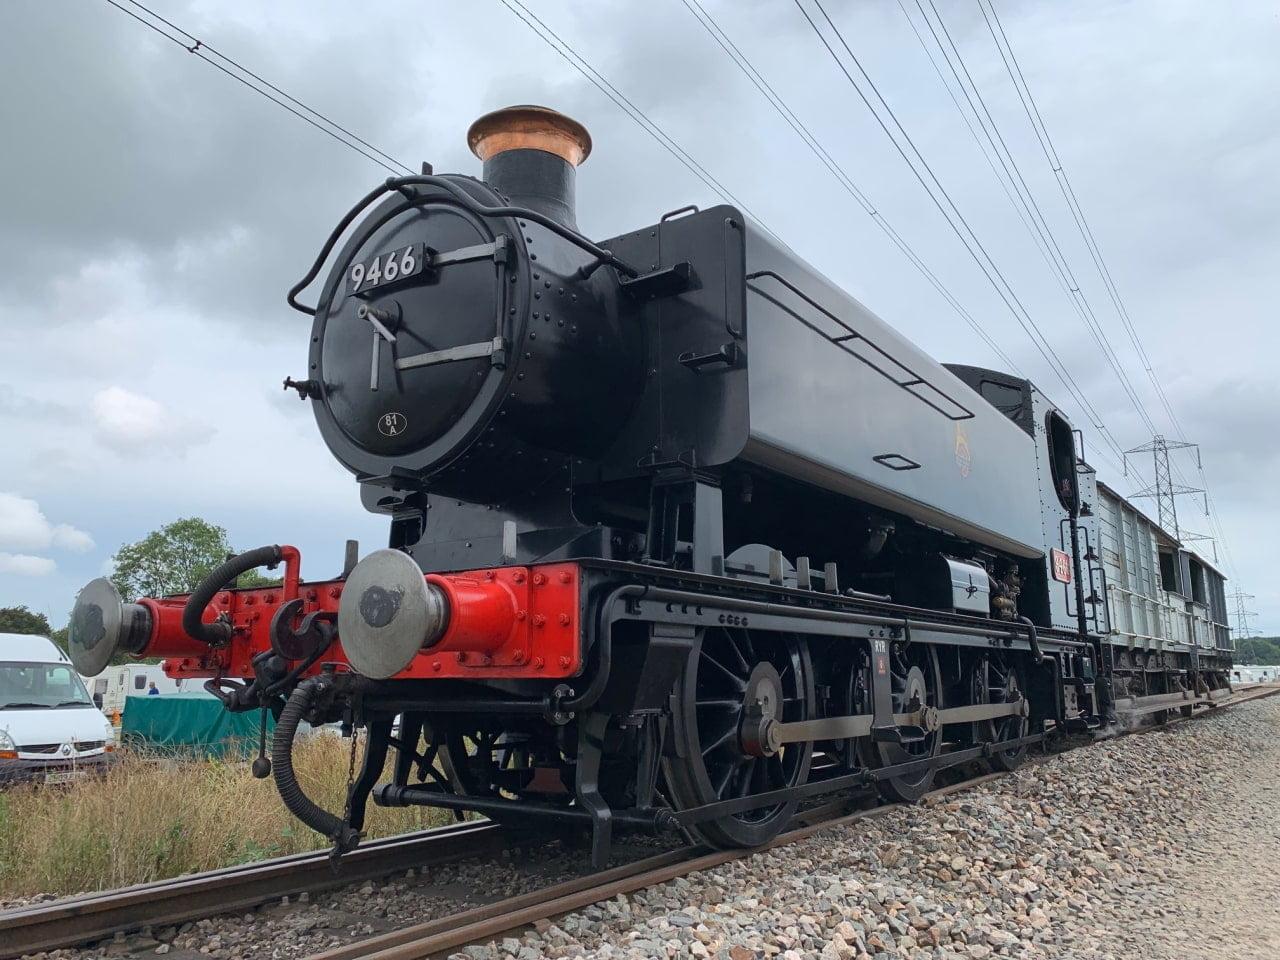 GWR 9466 on brake van rides